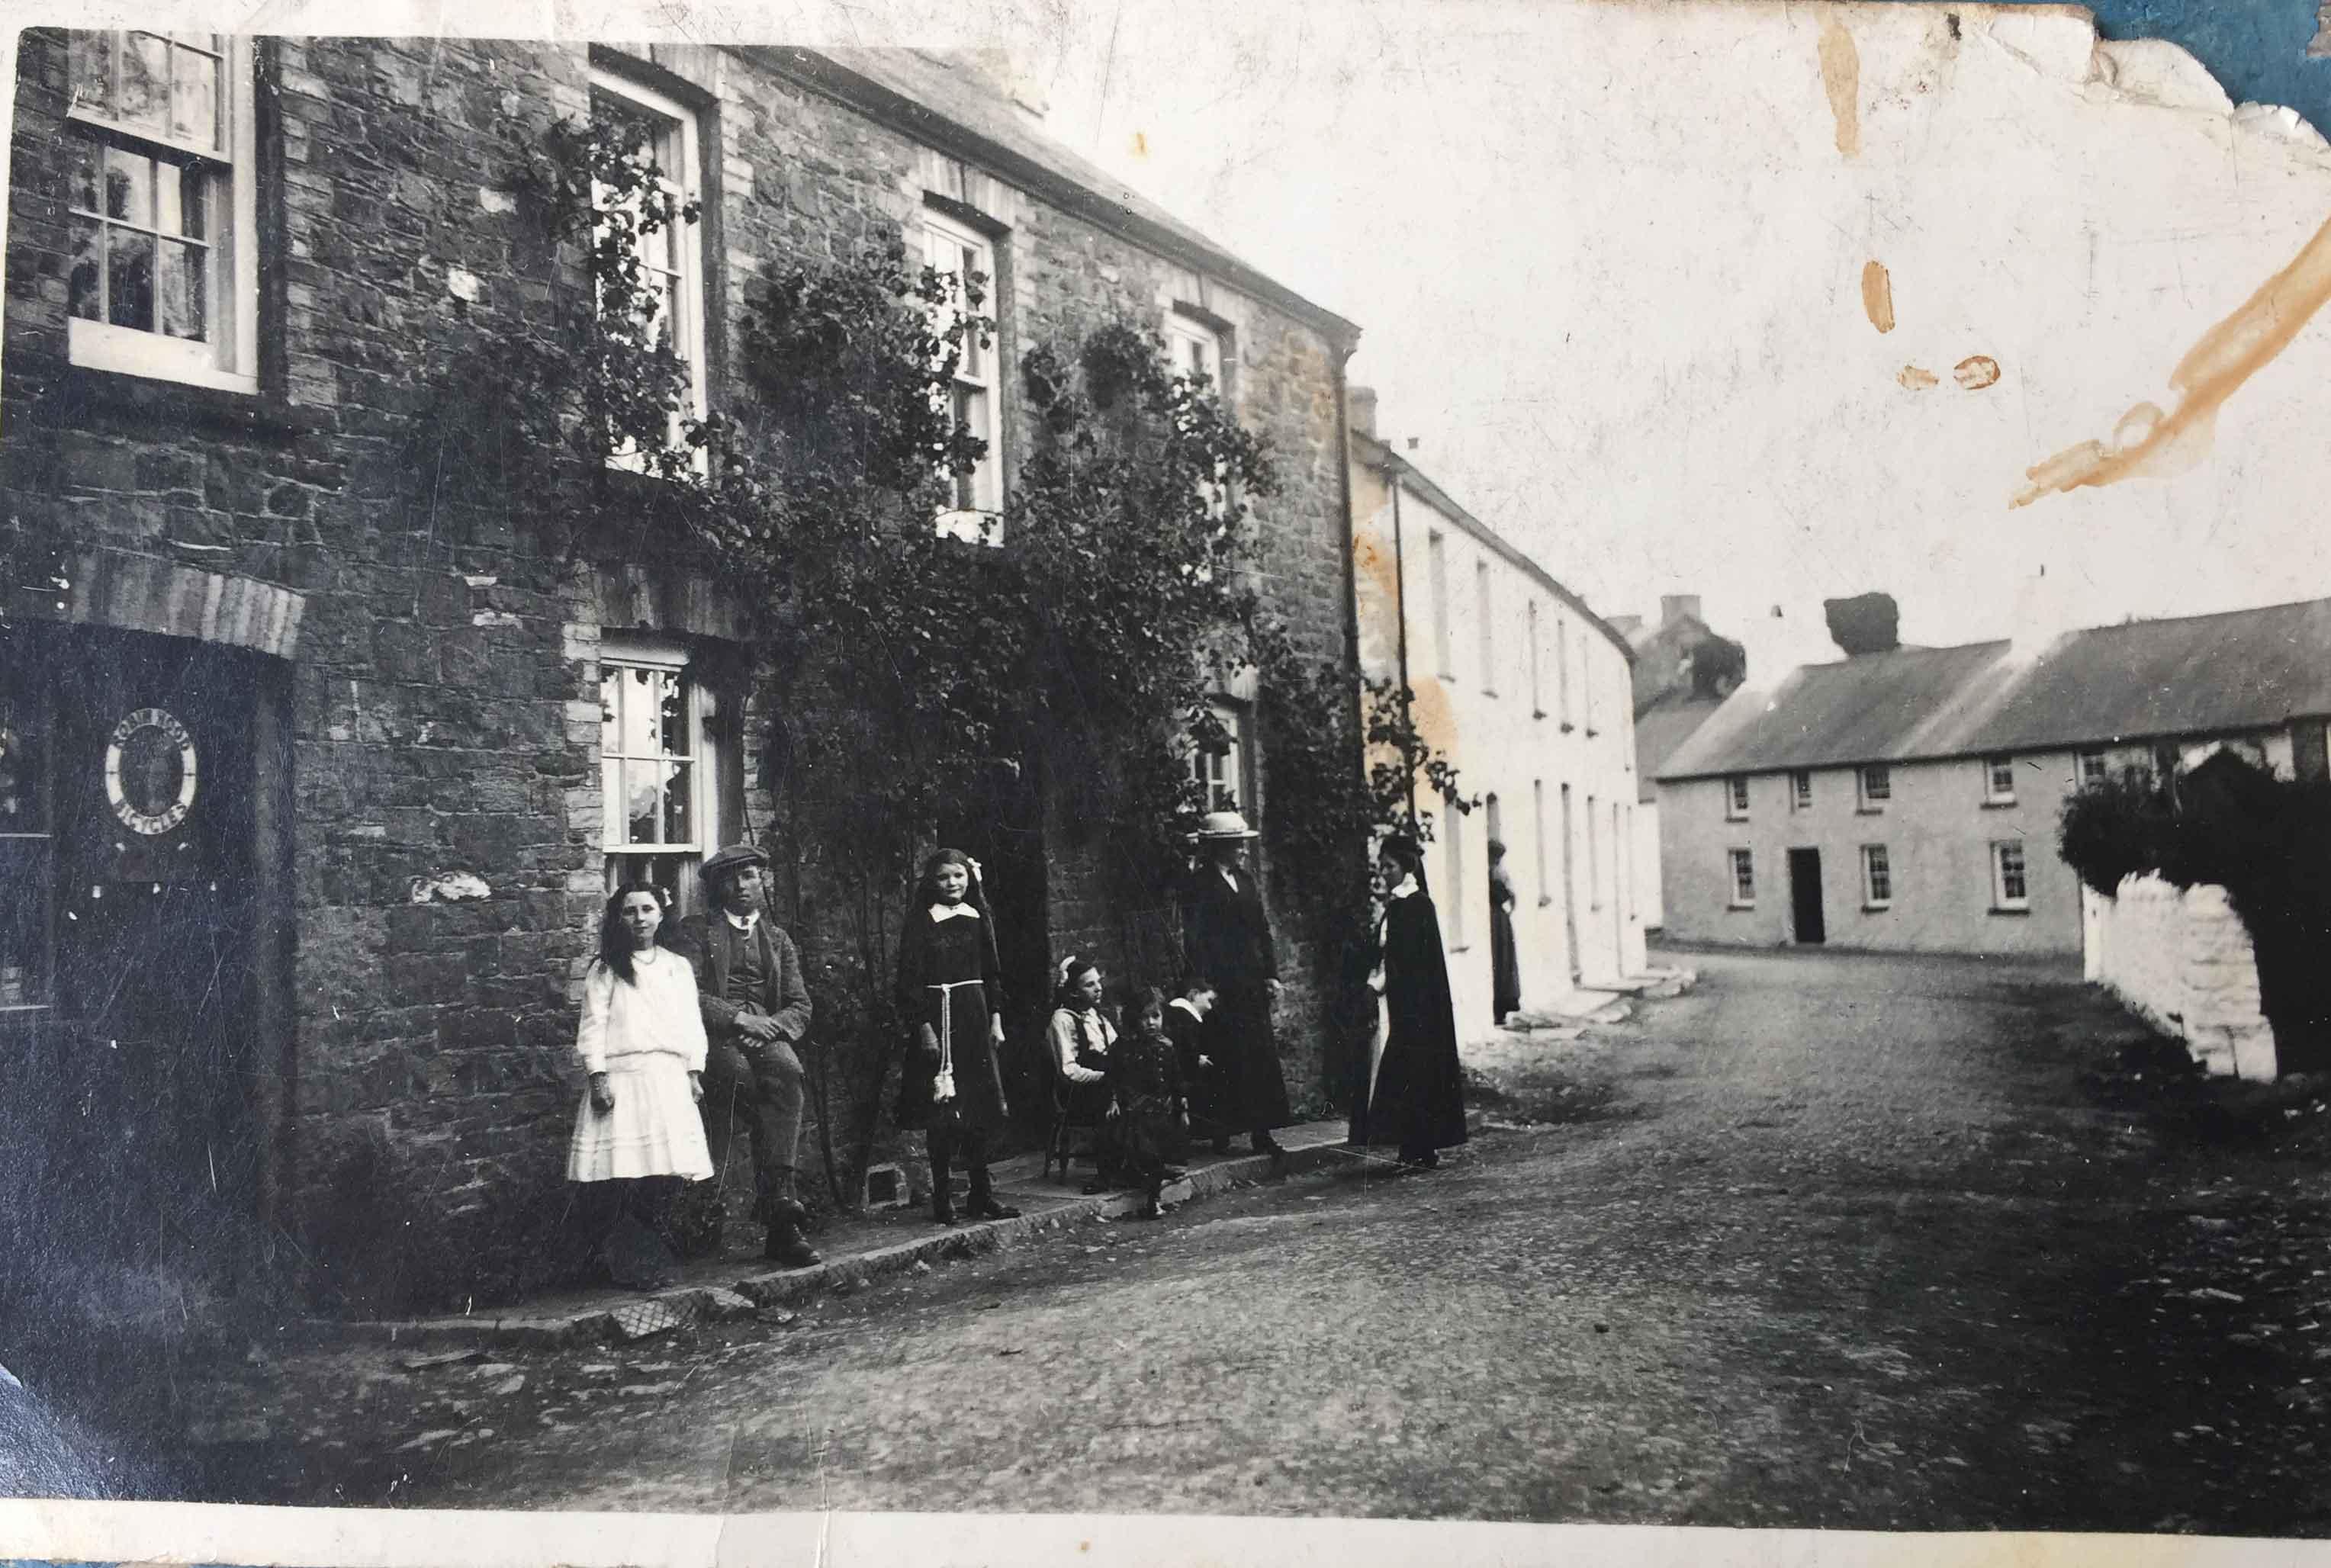 Llanfynydd-village-date-unknown-2